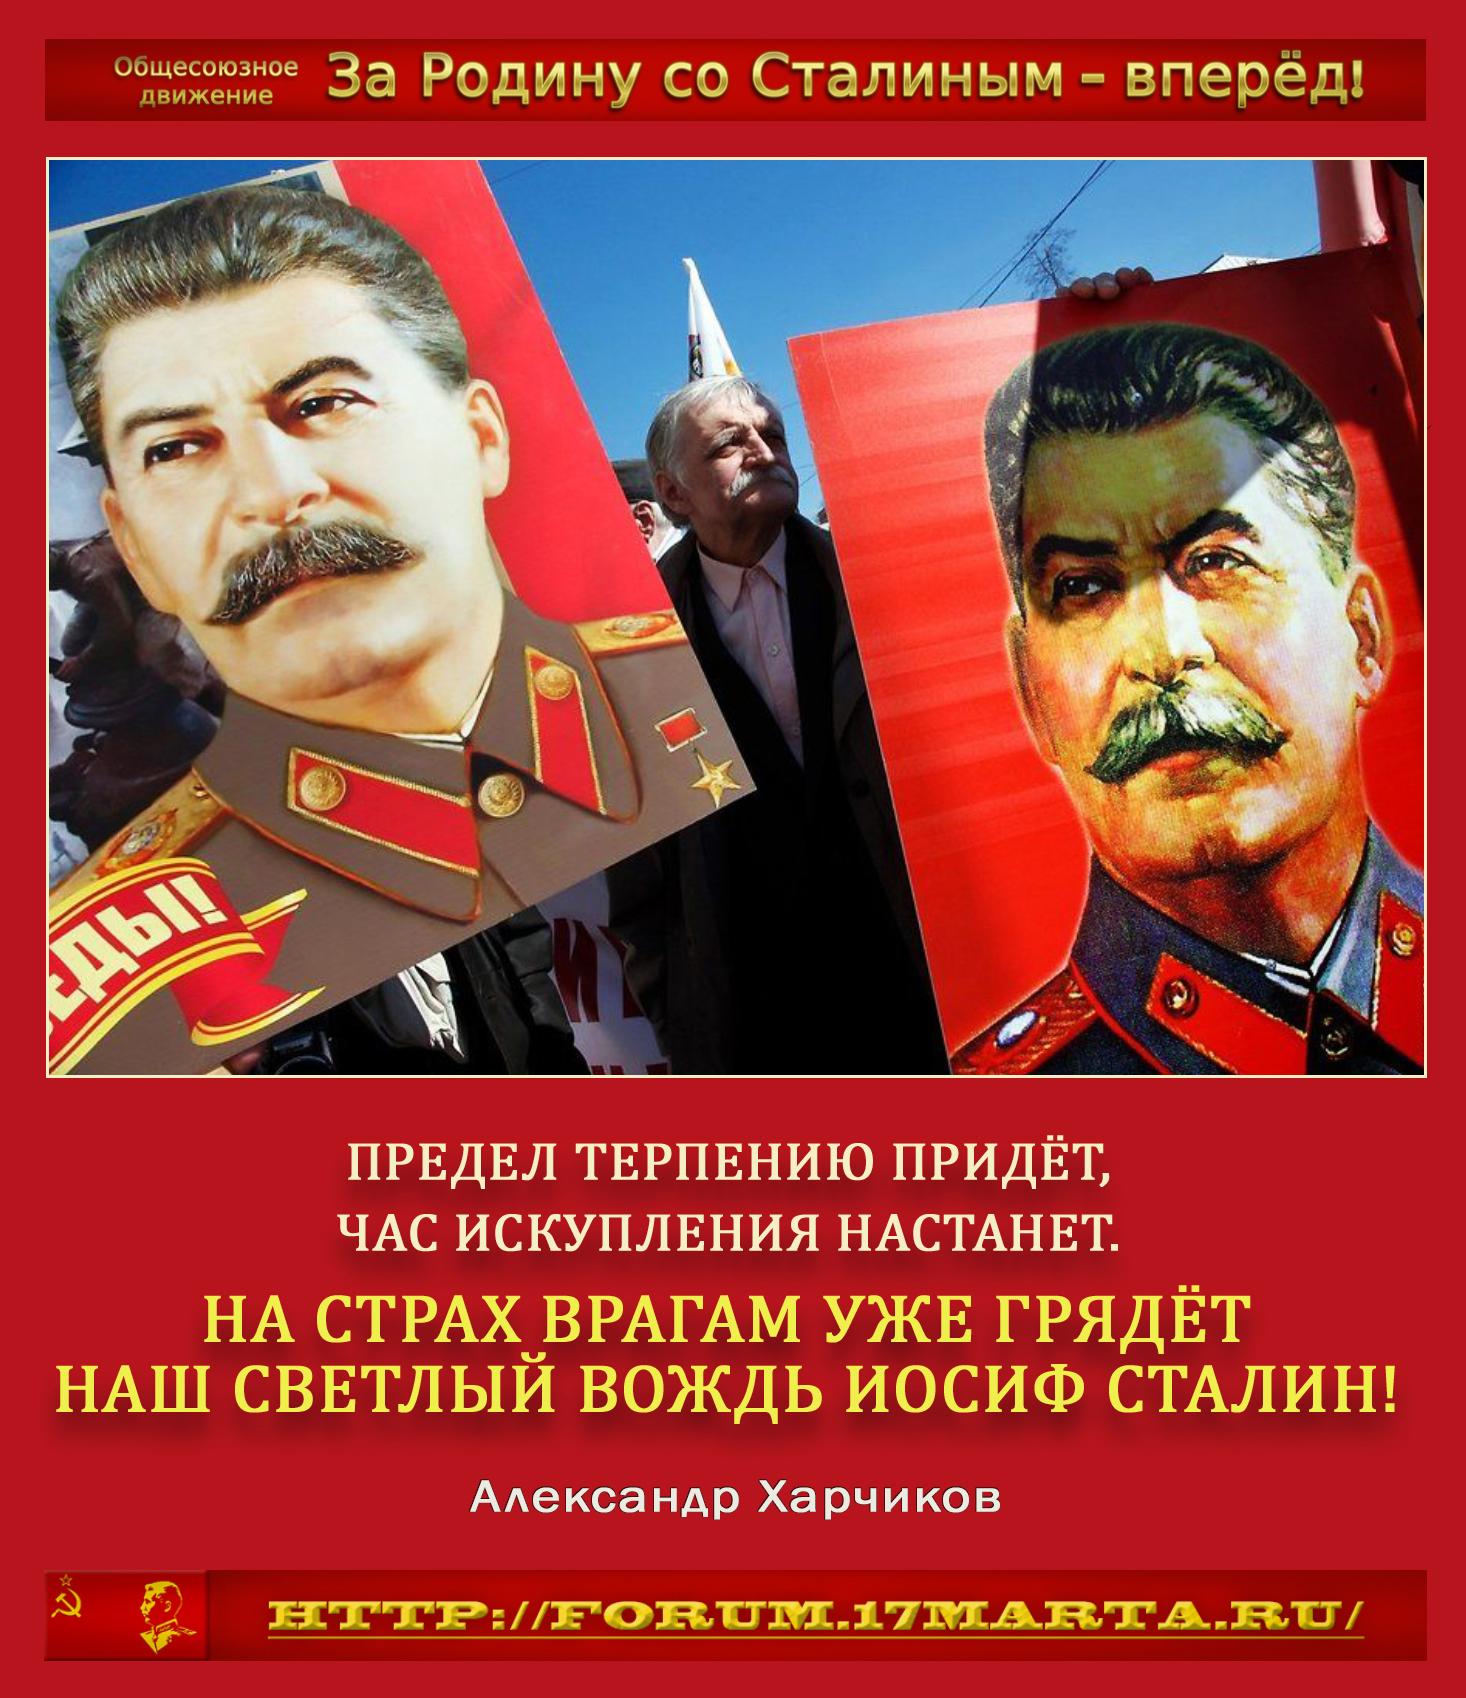 https://images.vfl.ru/ii/1531664345/d7392598/22494495.jpg